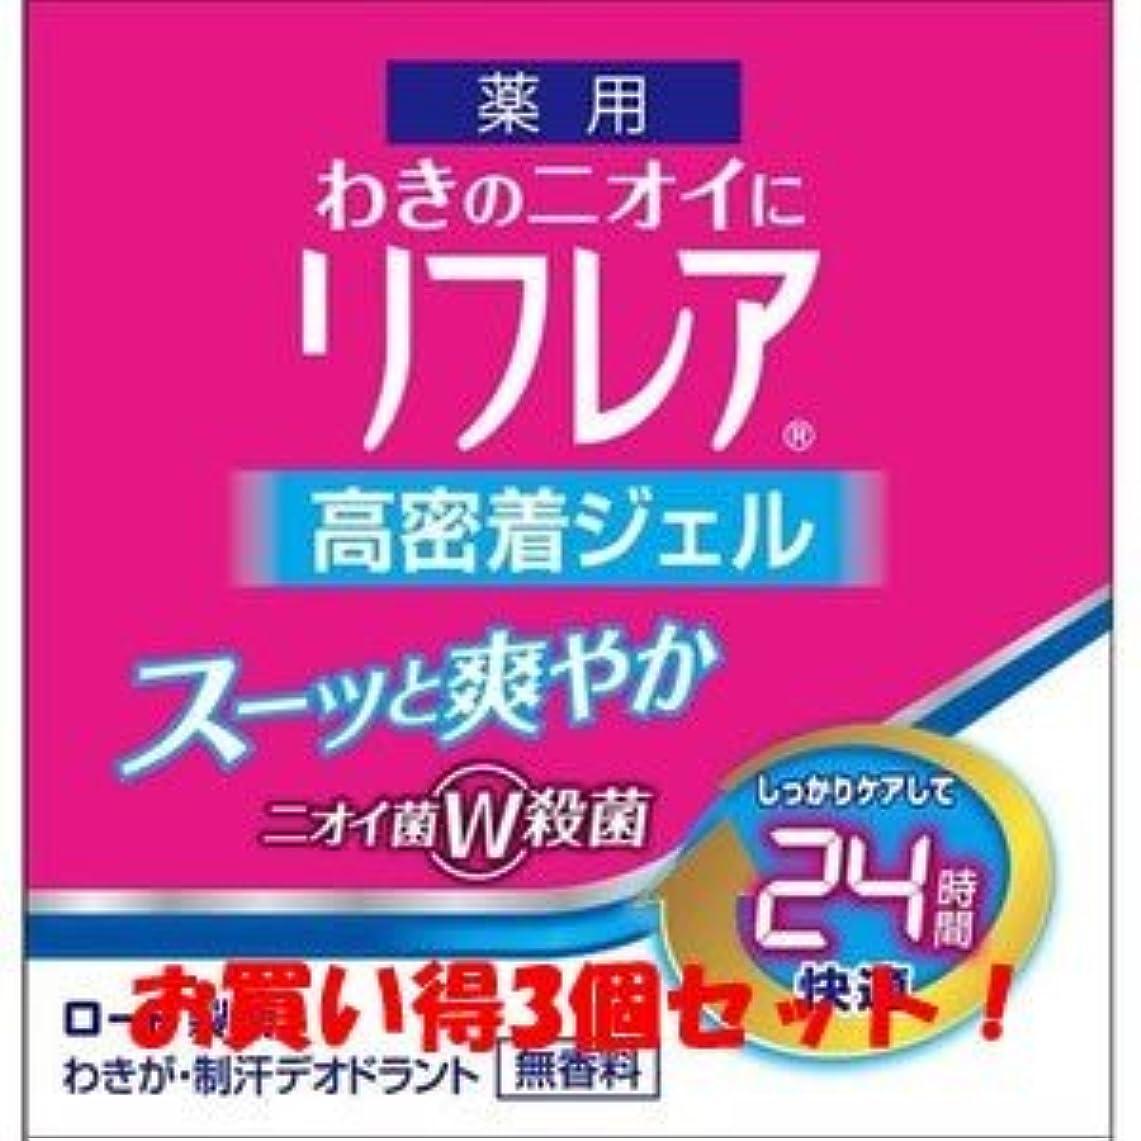 また明日ね配分液体(ロート製薬)メンソレータム リフレア デオドラントジェル 48g(医薬部外品)(お買い得3個セット)